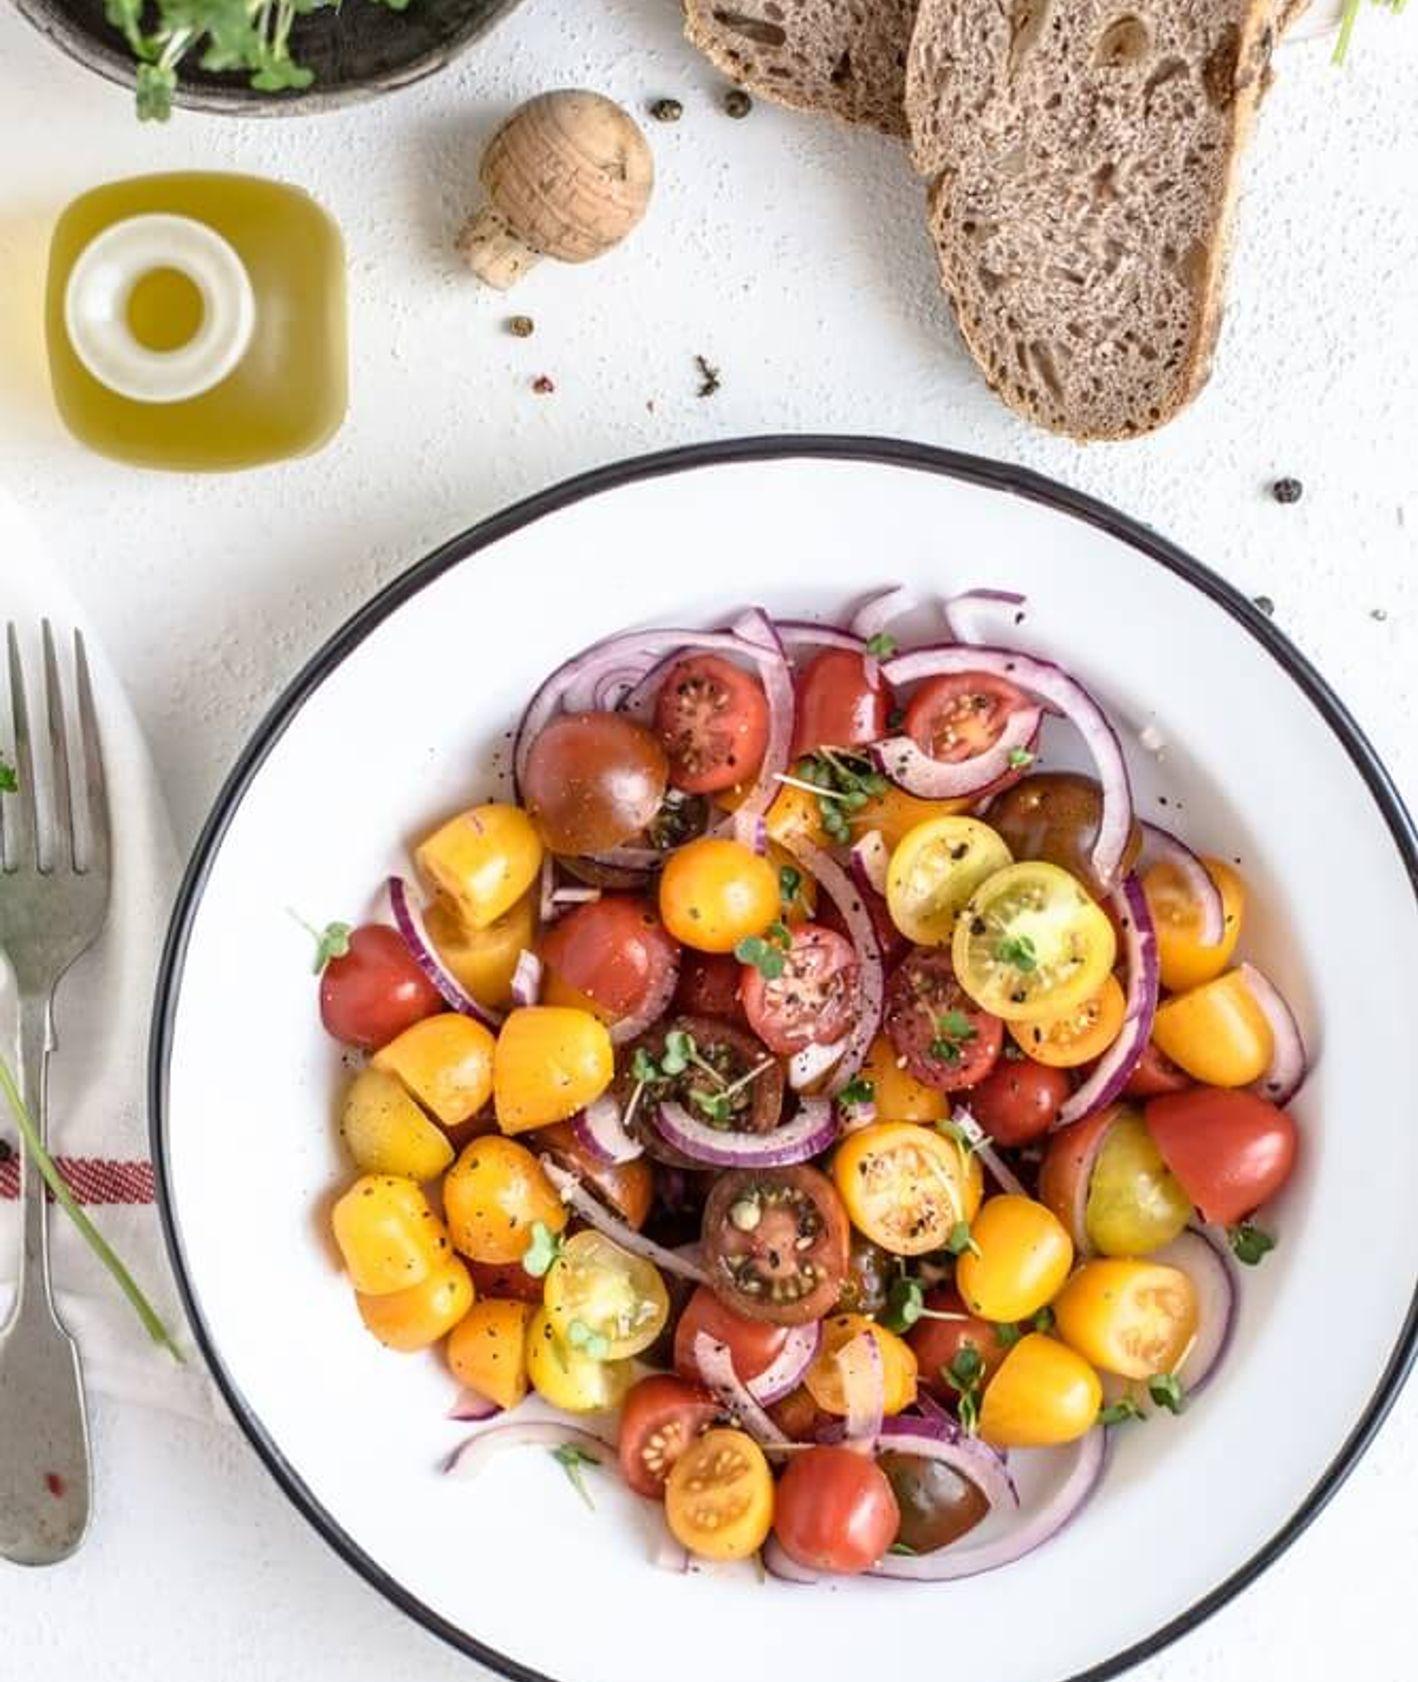 przepisy na dania z pomidorami sezonowymi (fot. Monika Grabkowska)